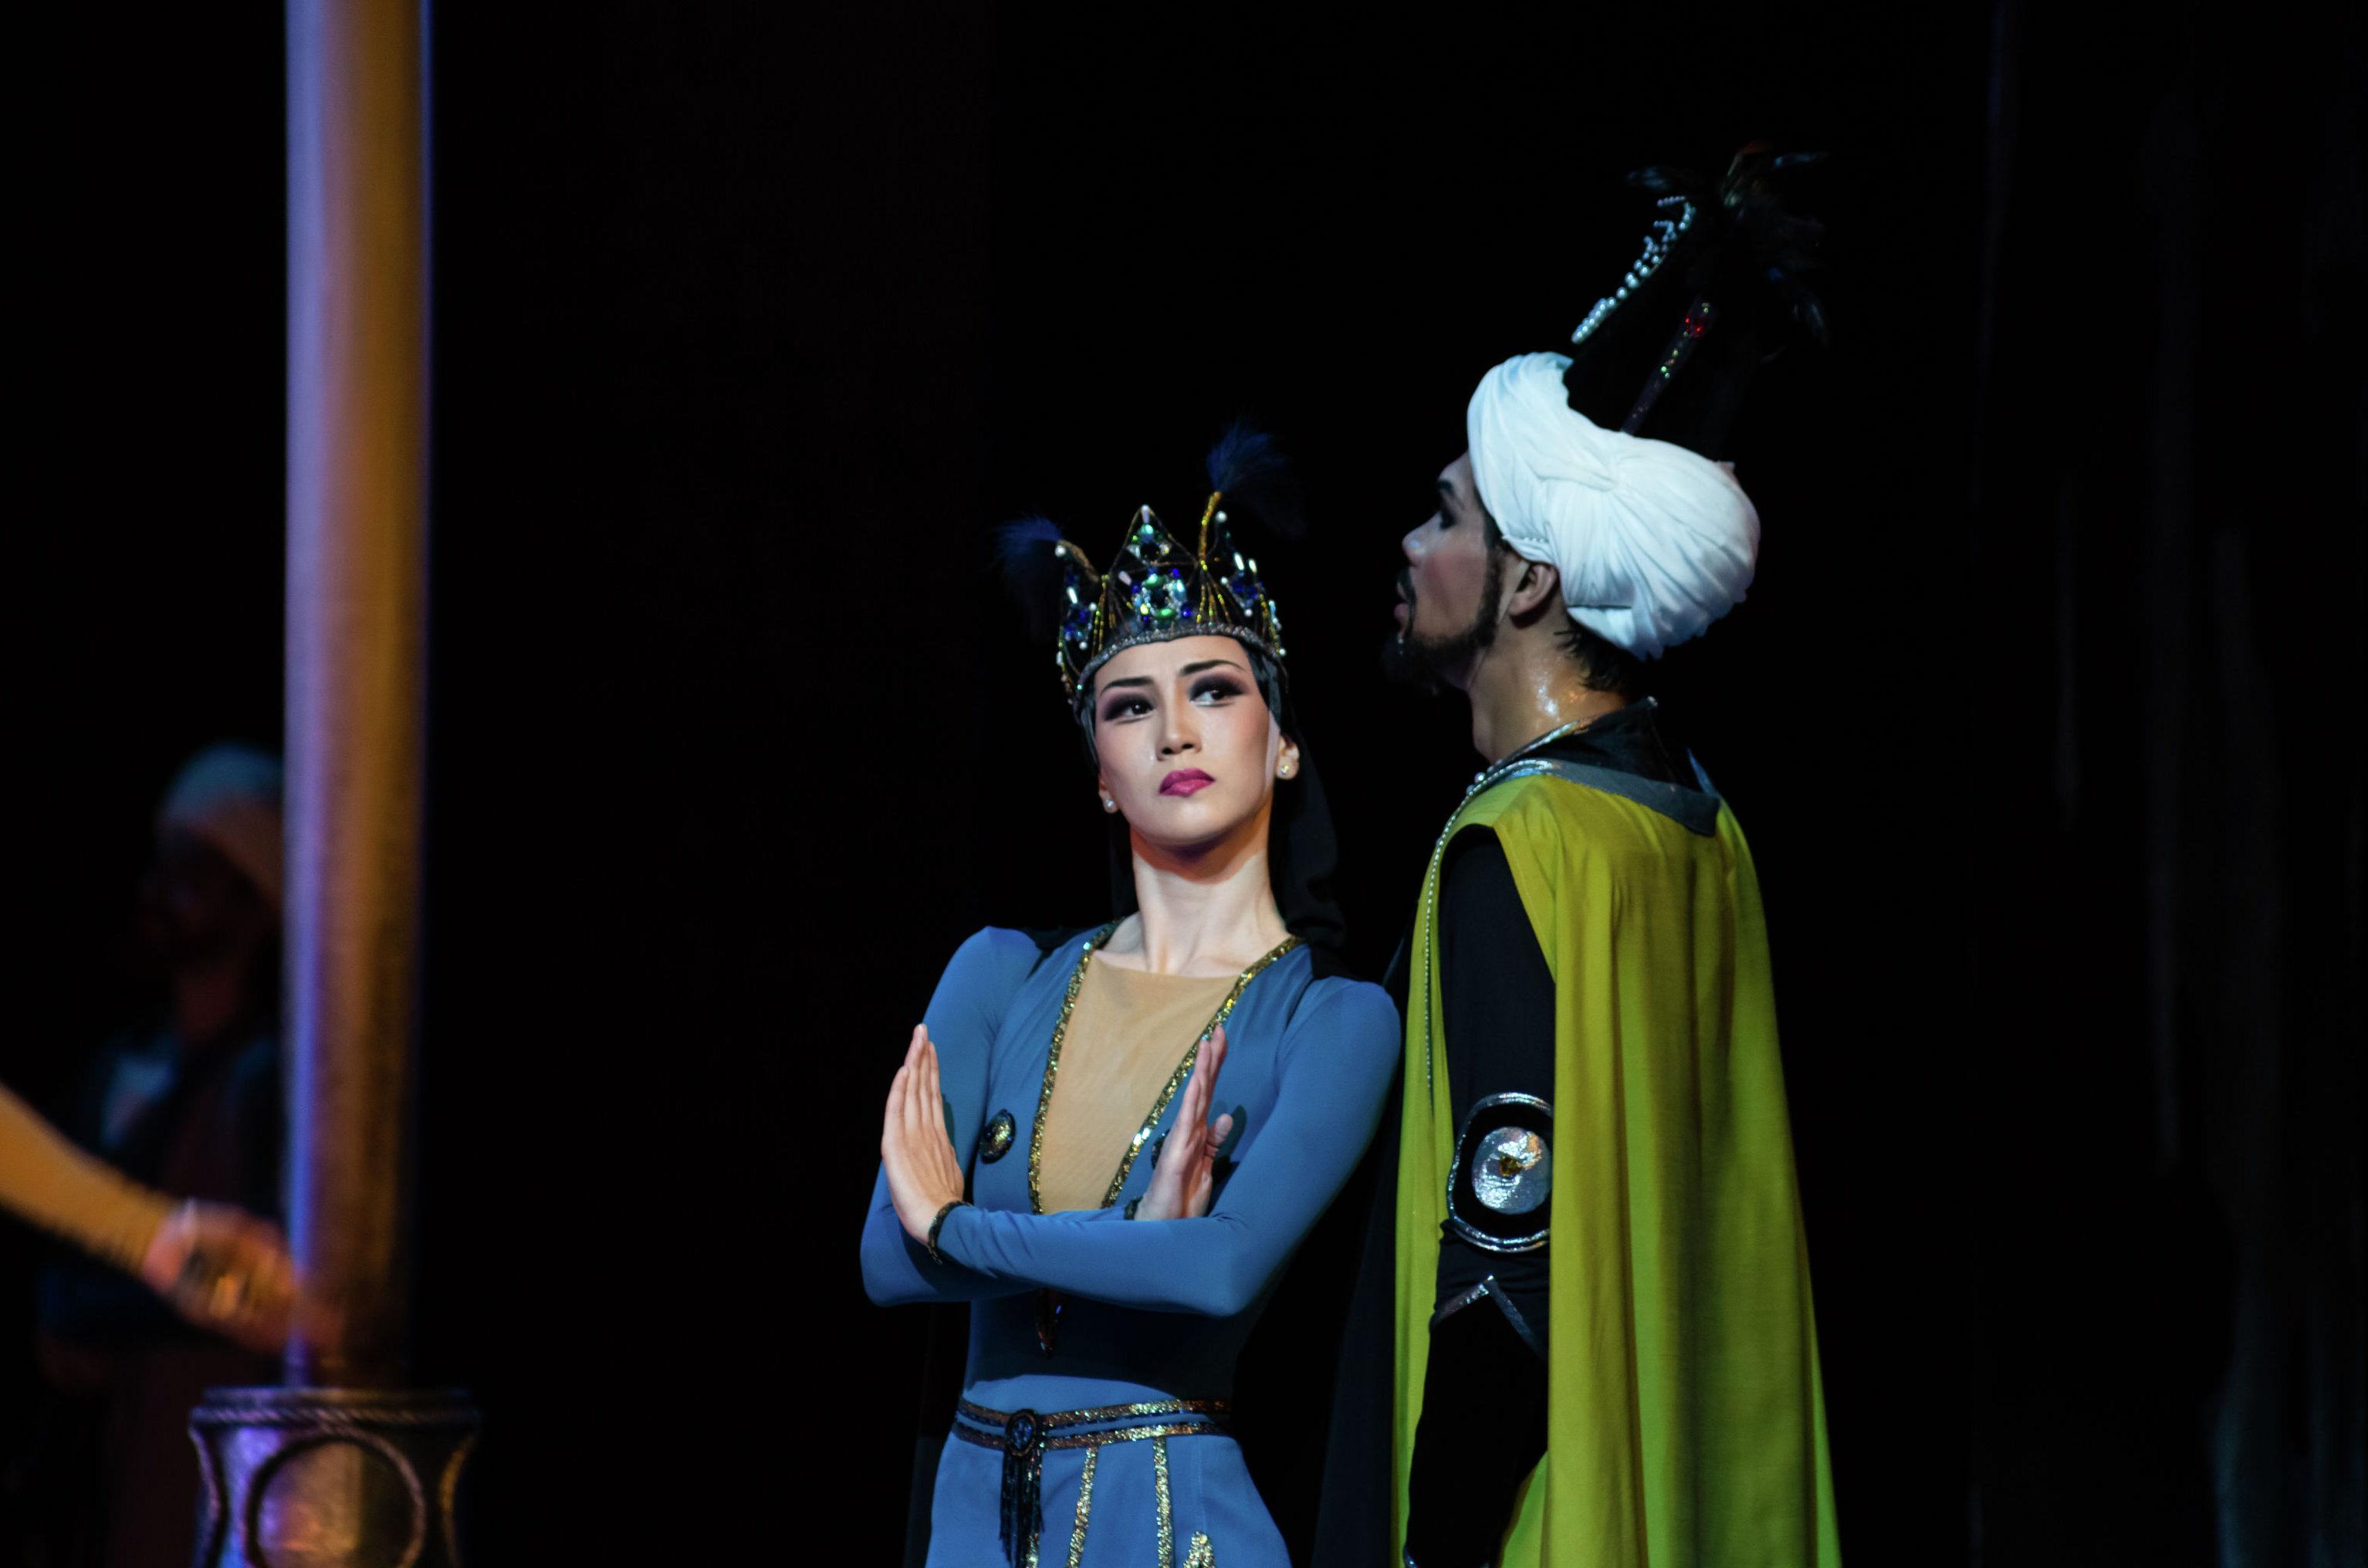 Ведущая солистка театра Астана Балет Айнур Абильгазина в образе Мехменэ Бану и солист Бауржан Мекембаев. исполняющий партию Визиря